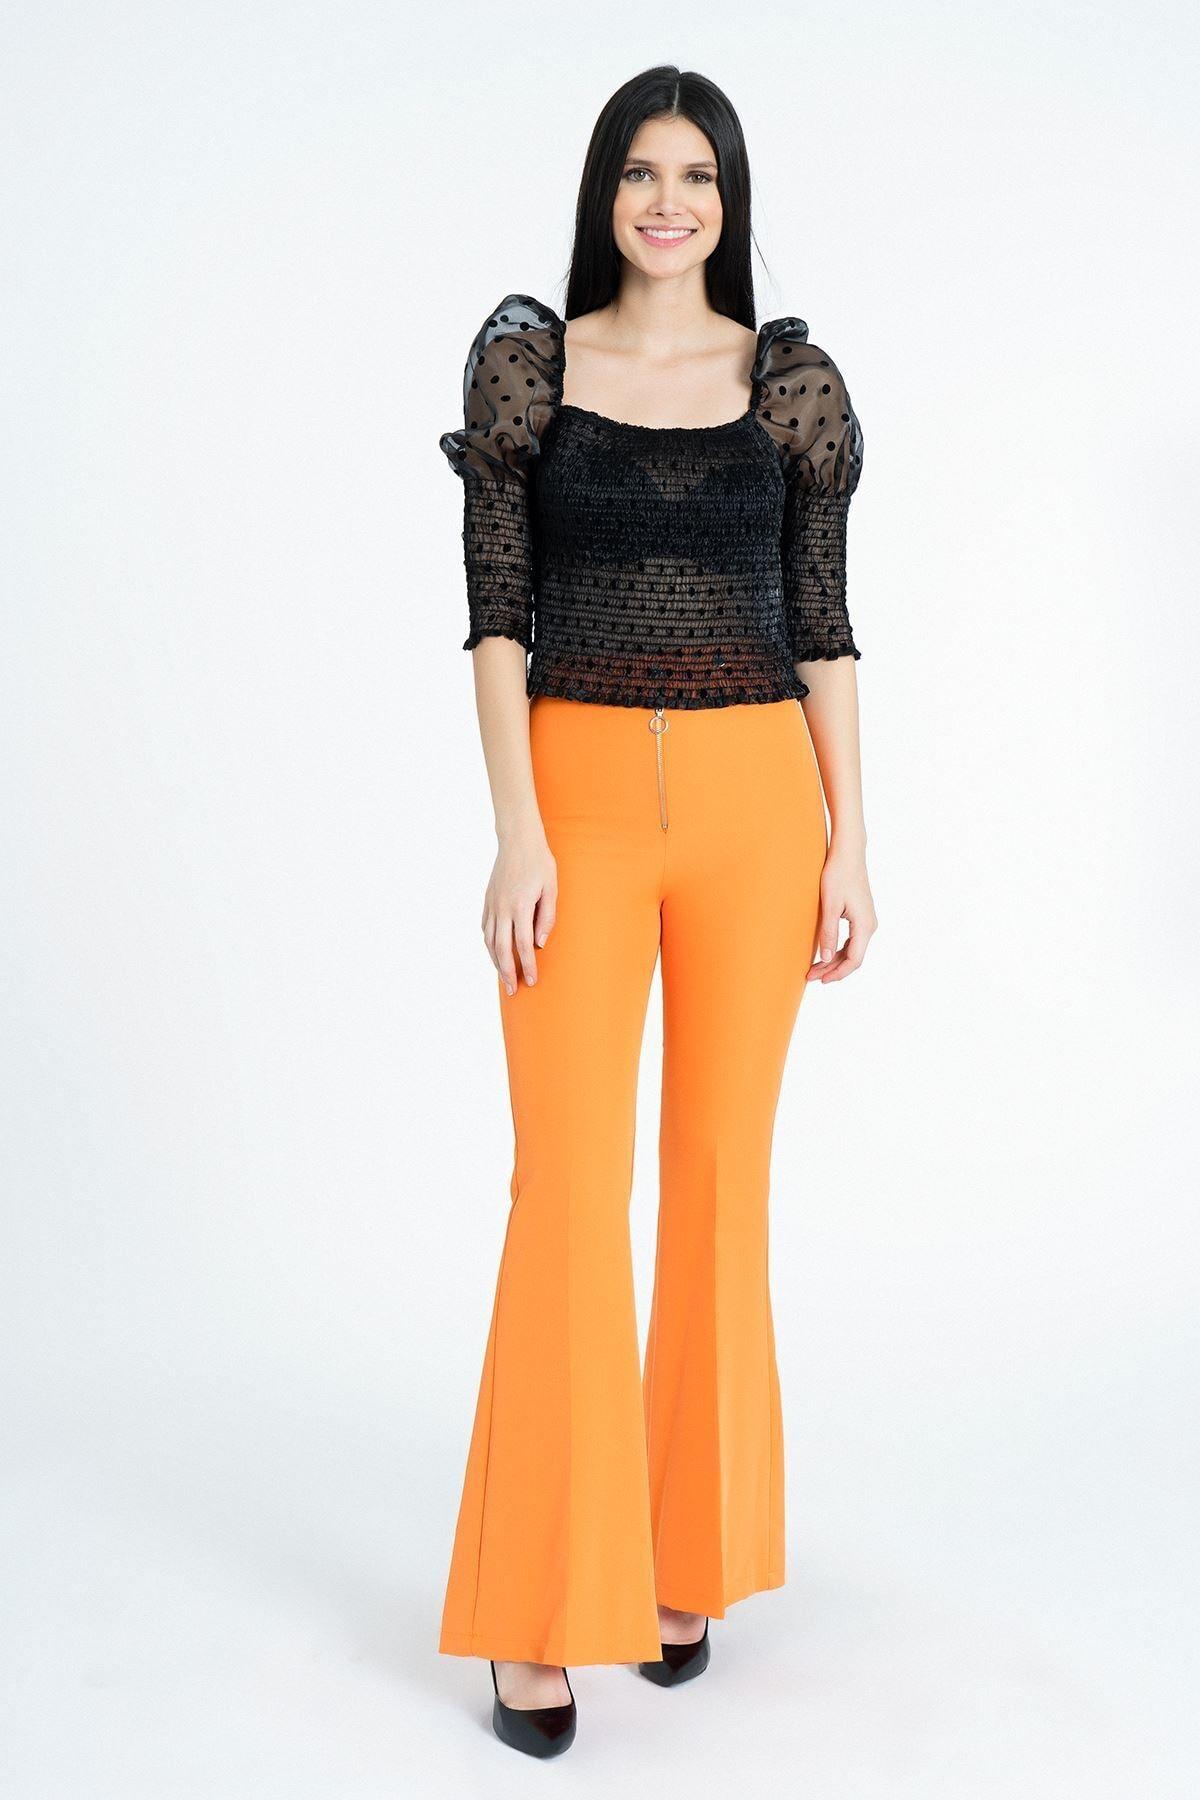 MissVina Kadın Oranj Metal Fermuarlı İspanyol Paça Pantolon Y3679 2